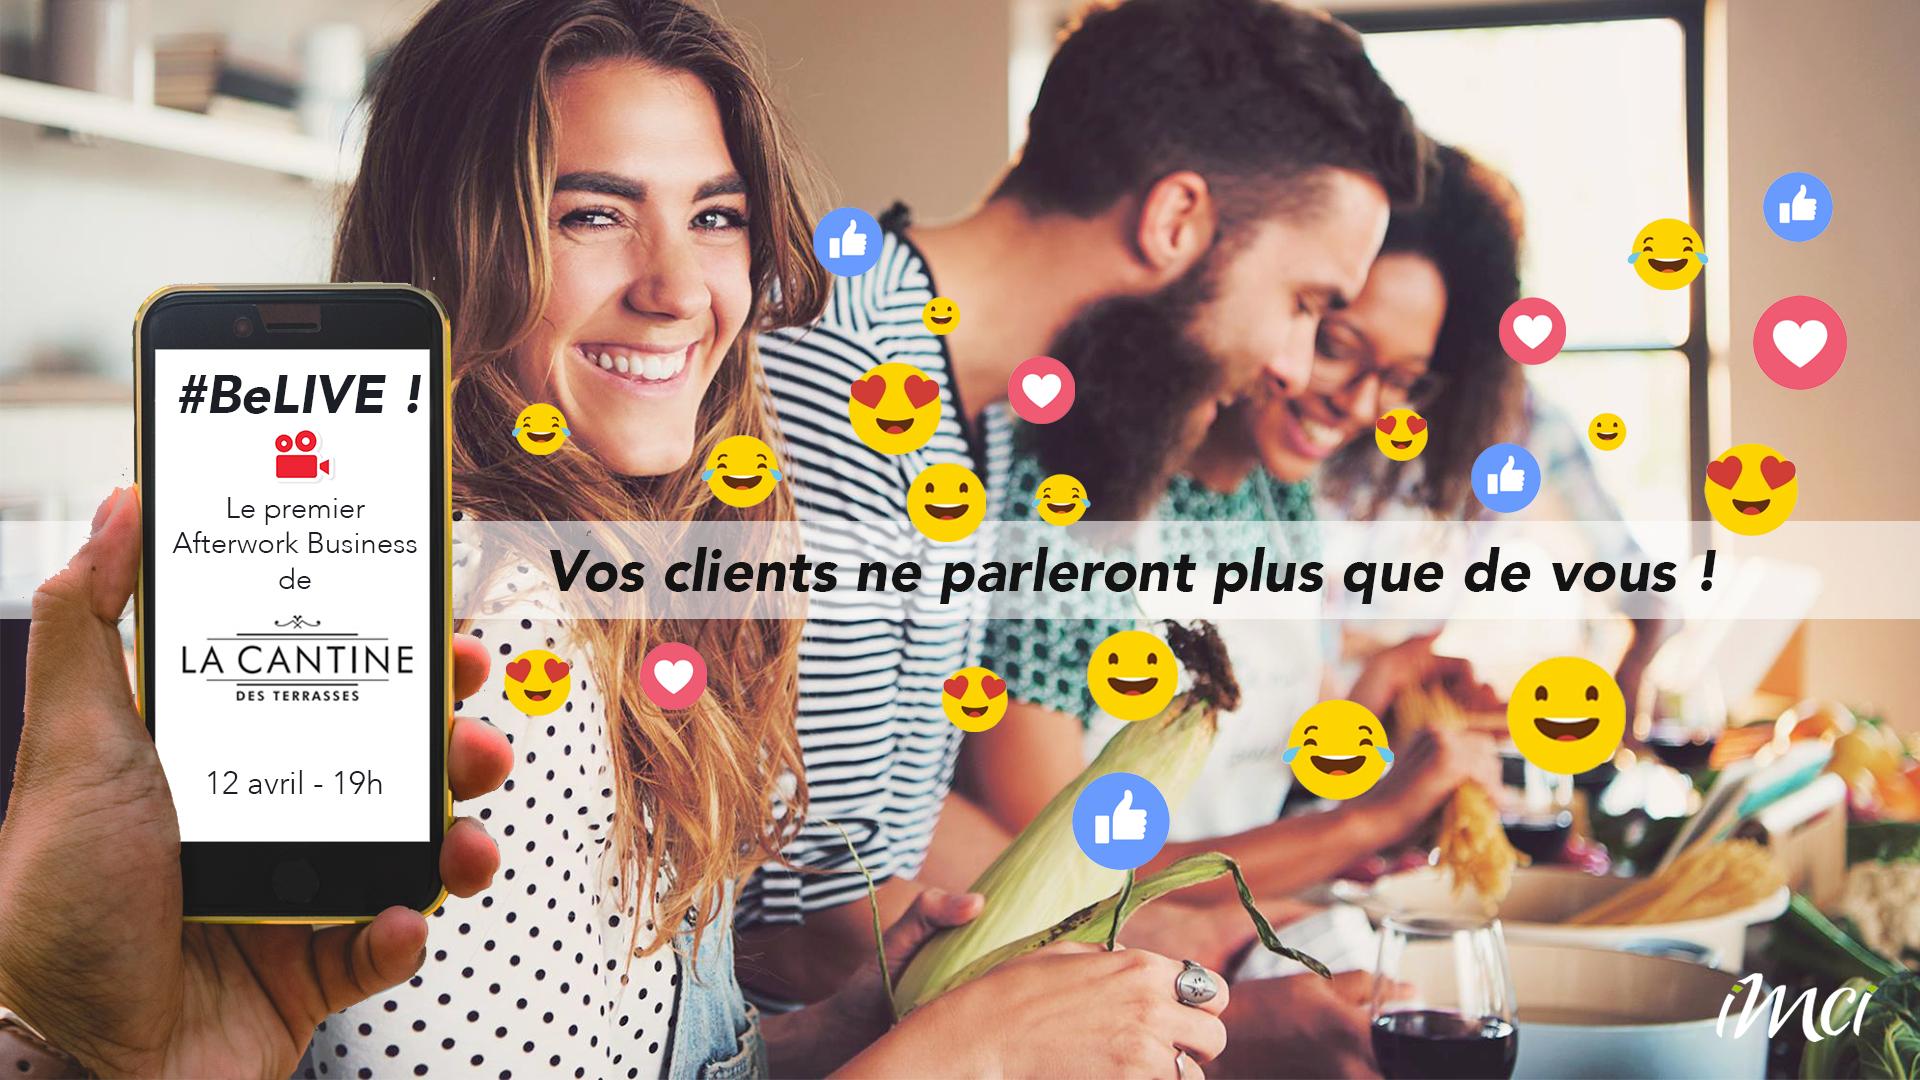 La publicité qui a été réalisée pour Facebook pour notre évènement du 12 avril à Marseille aux Terrasses du Port.